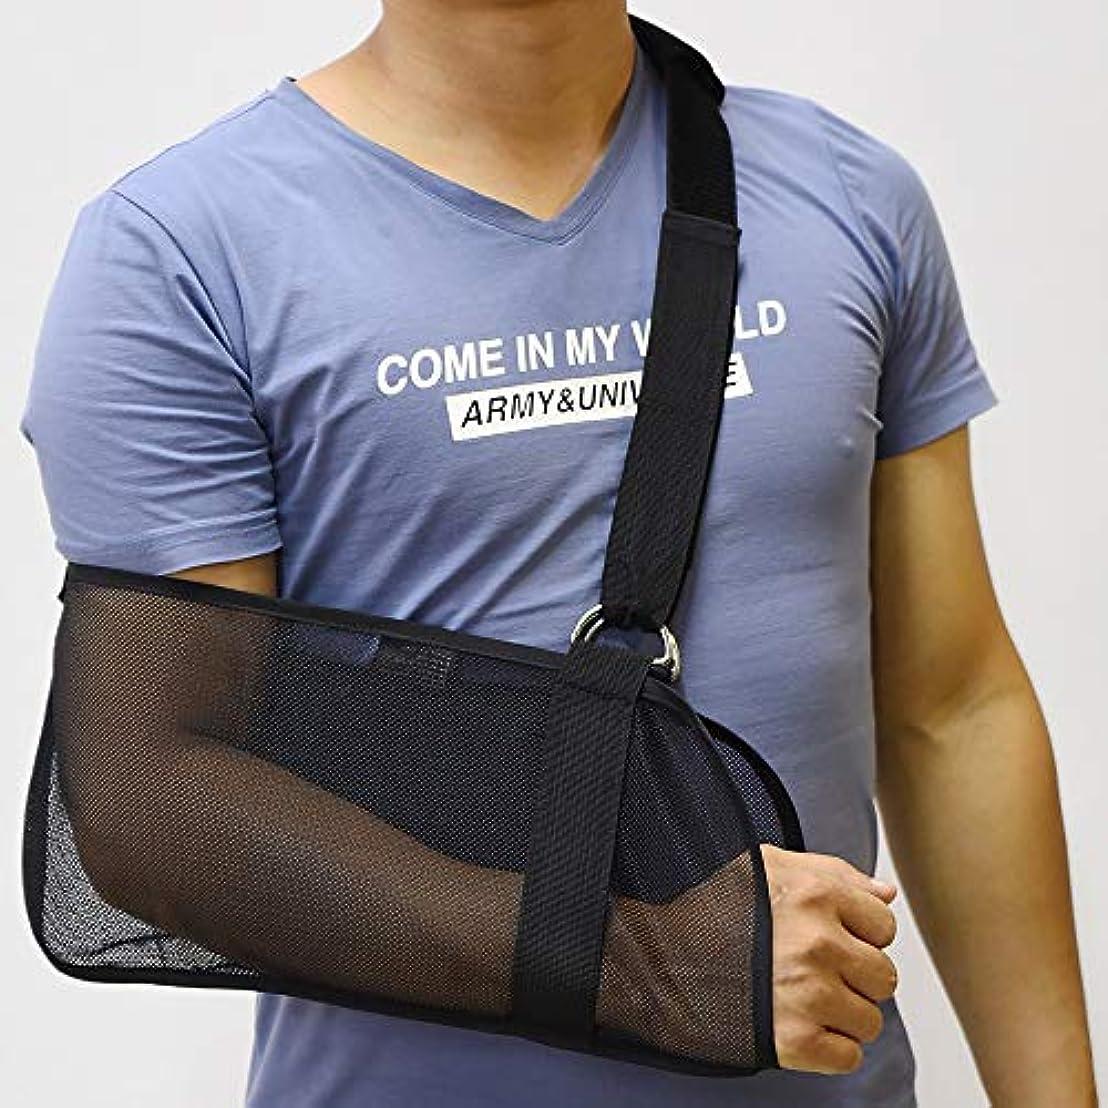 ファントムシェフ属するZYL-YL アームスリング肘関節固定装具をハンギング前腕スリング腕の骨折固定ベルトサマーメッシュ通気性 (色 : 黒)